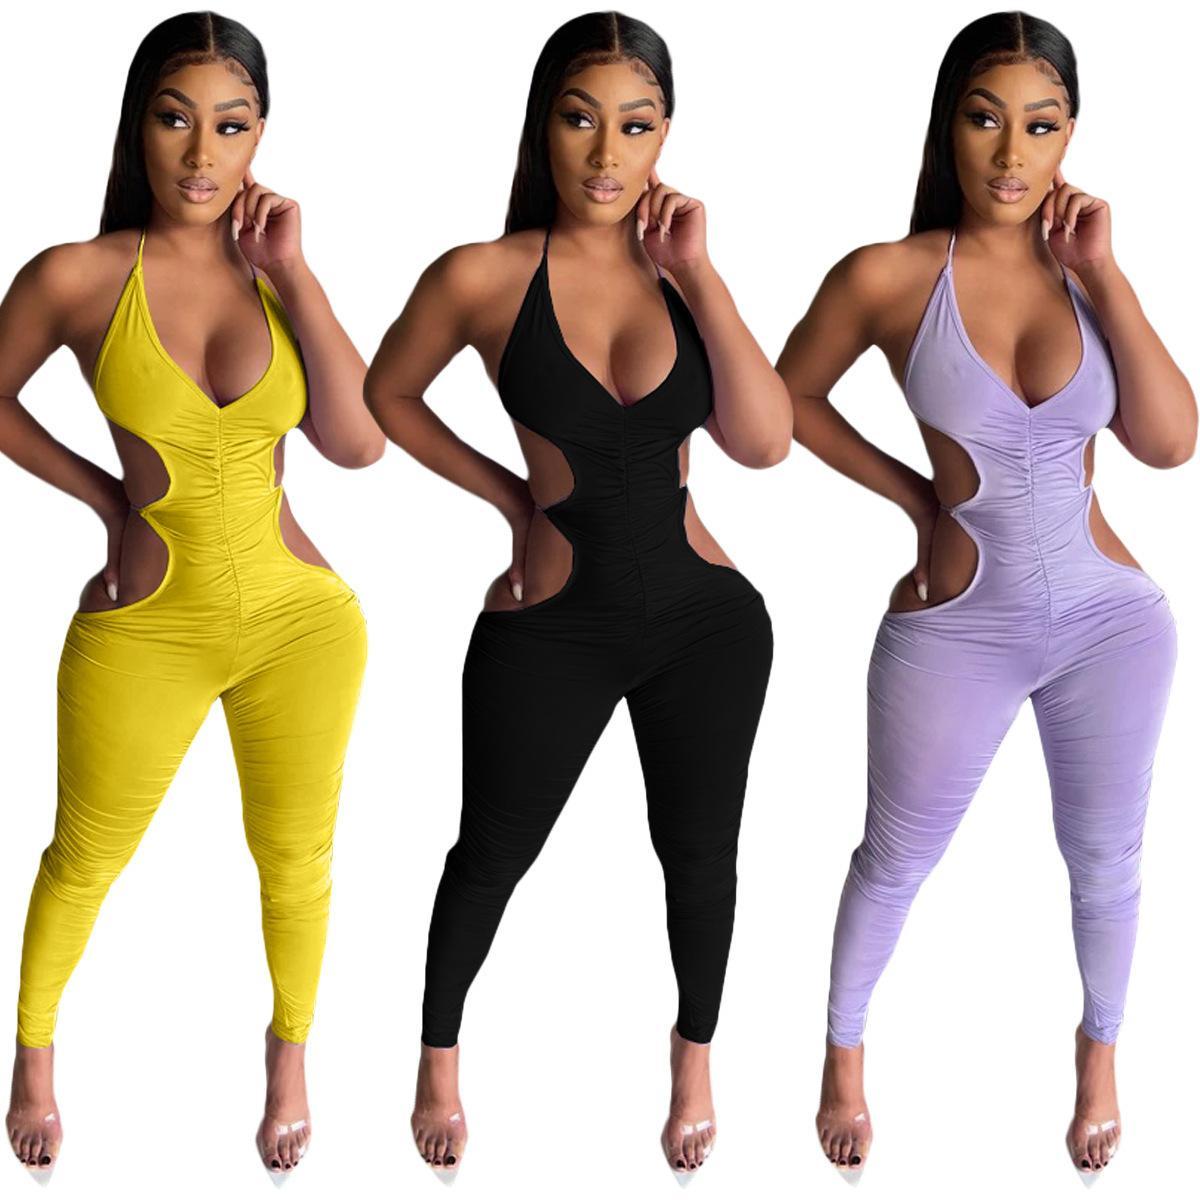 Sexy Frauen Jumpsuit Verband Fitness Aushöhlen Ärmellose Massivfarbe Sommerkleidung Für Frauen Outfit F0513